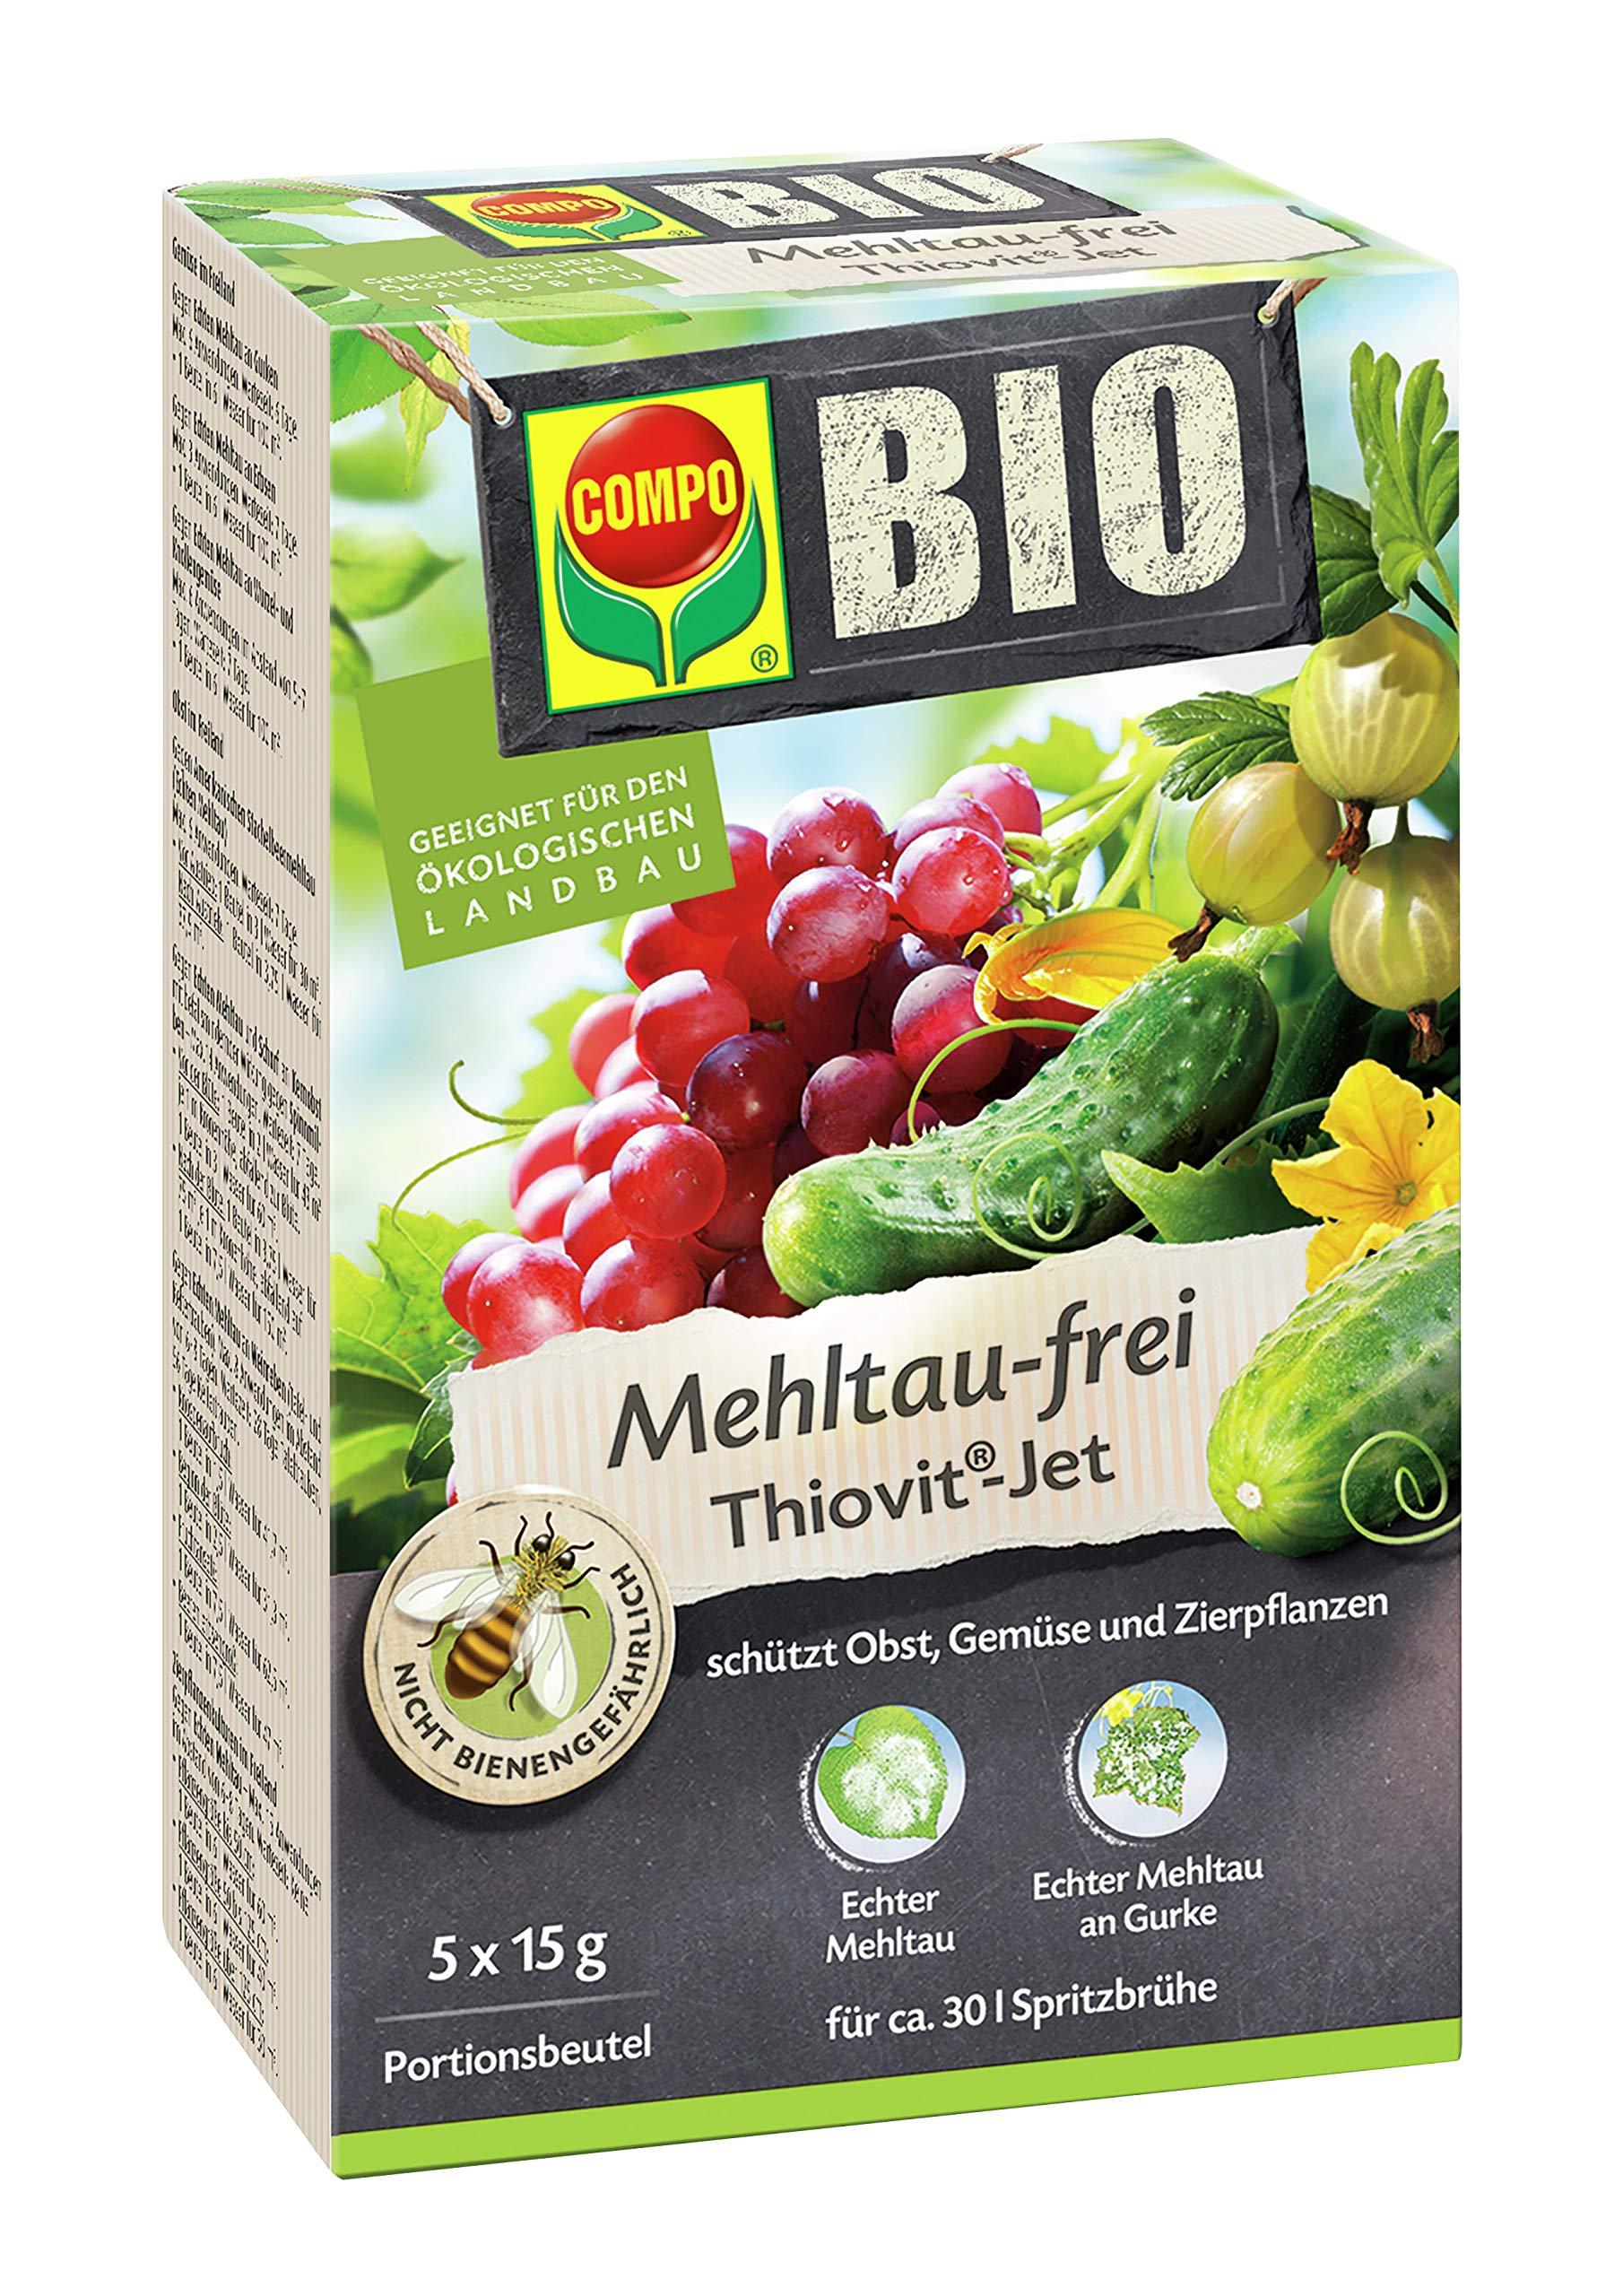 COMPO BIO Mehltau-frei Thiovit-Jet, Kontaktfungizid gegen Echten Mehltau an Obst, Gemüse und Zierpflanzen, 75 g product image